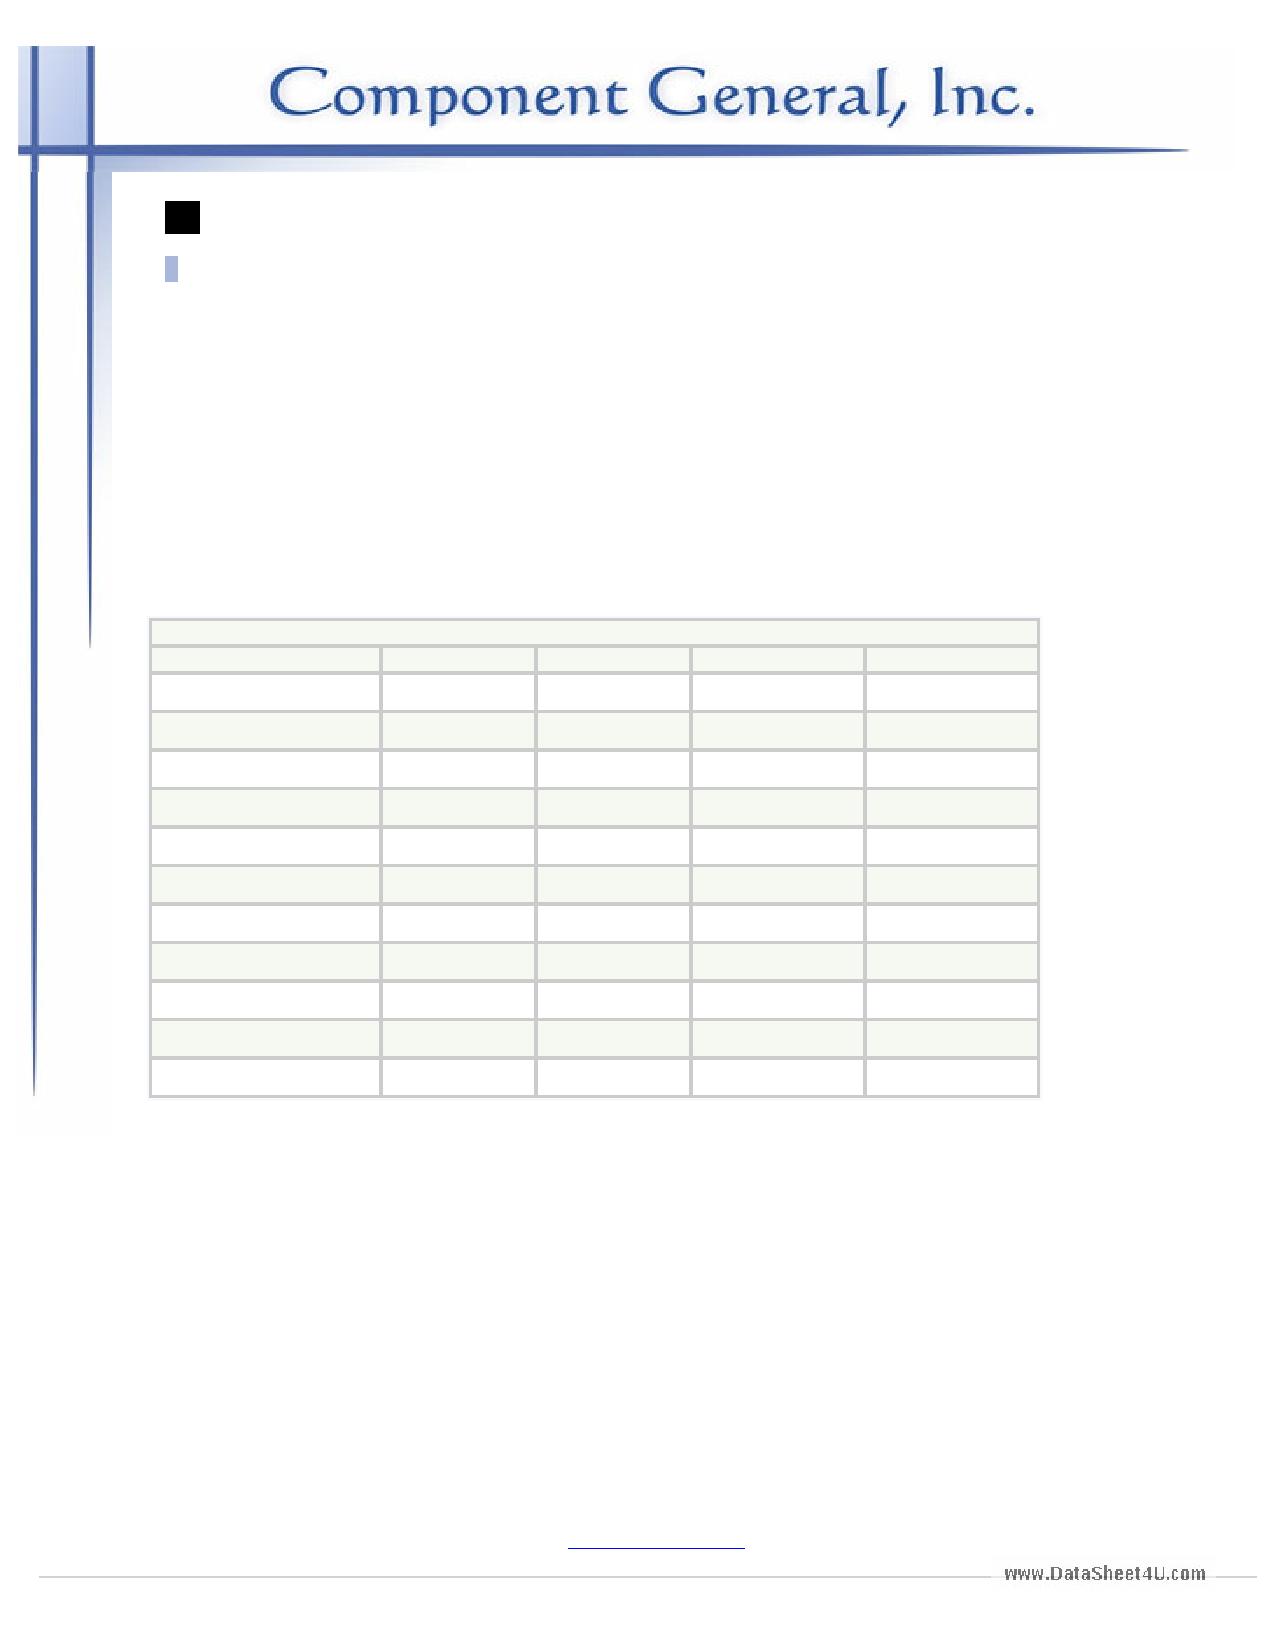 CFT-35SF datasheet